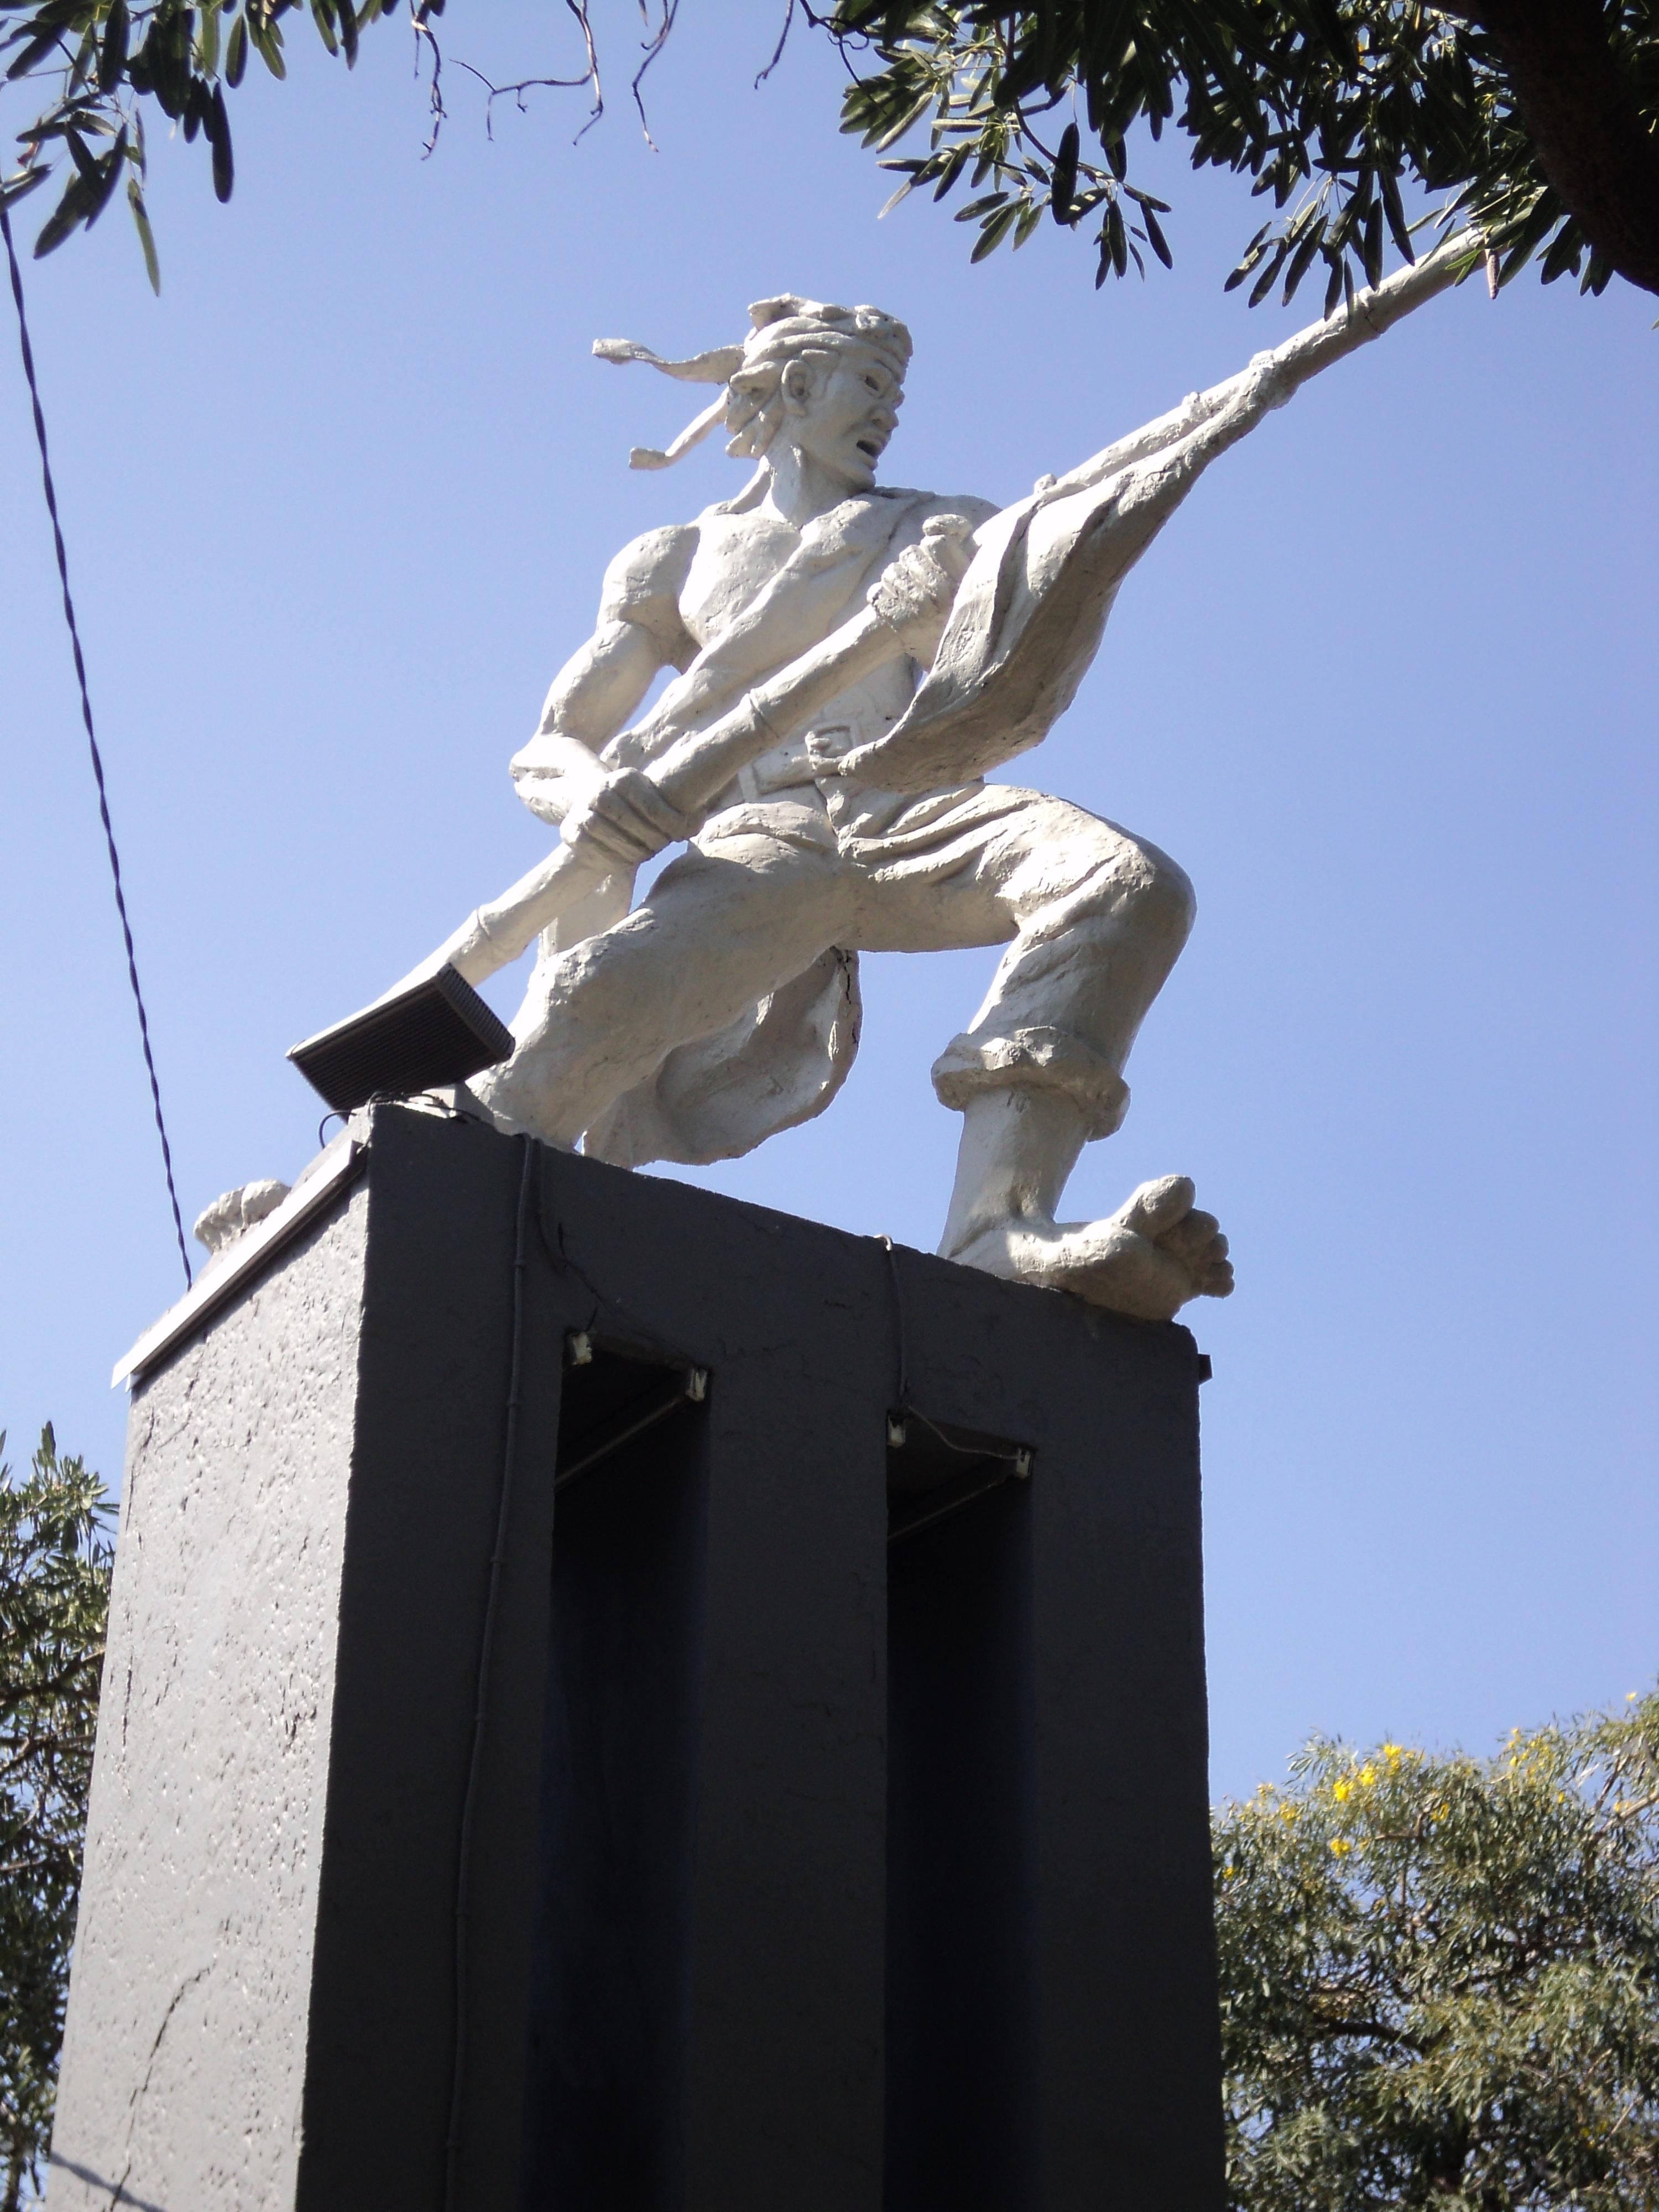 Monumen Pertempuran 10 Nopember Surabaya Wisata Bambu Runcing Kota